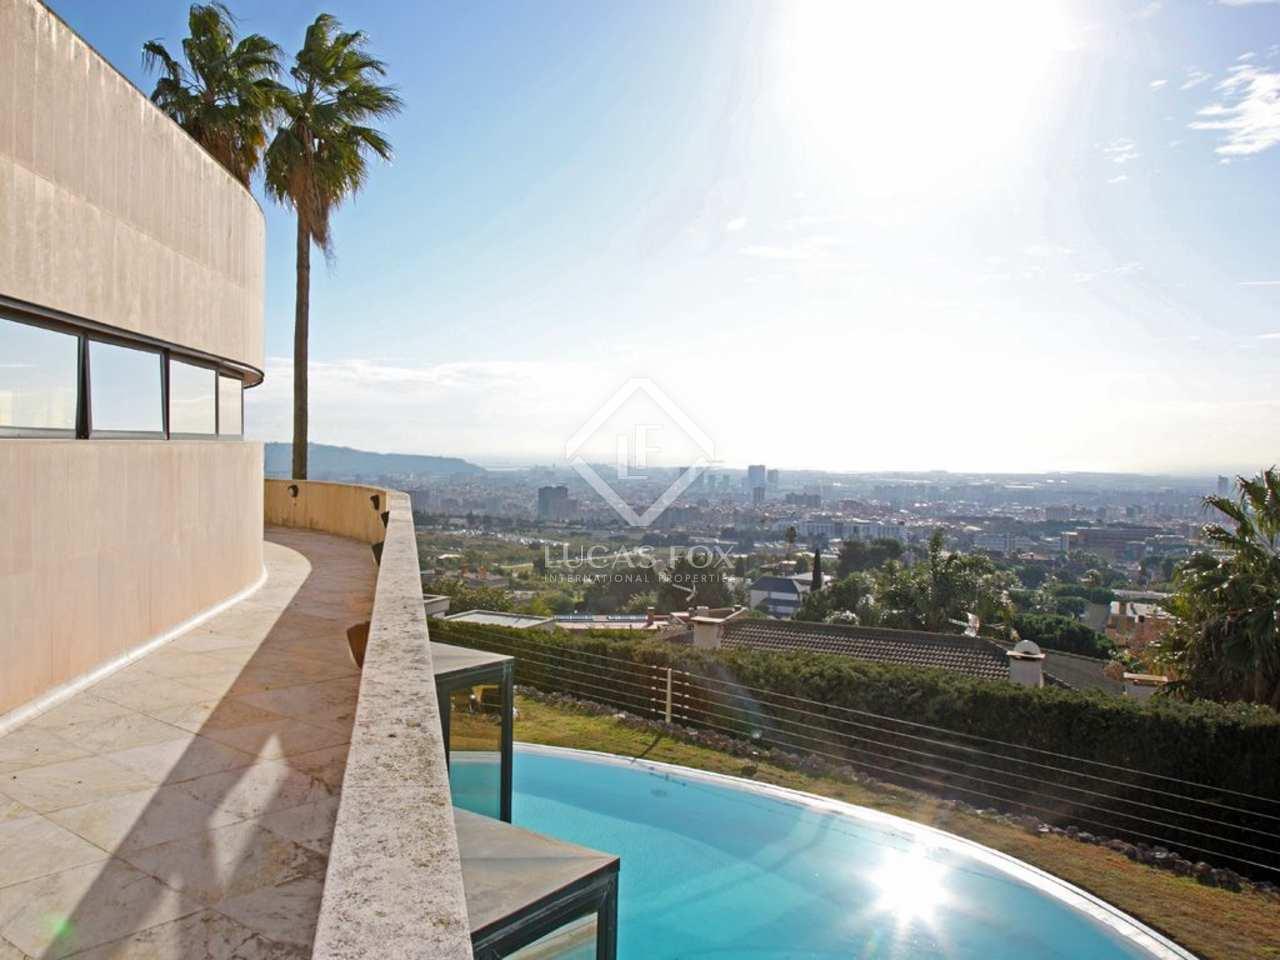 House for sale in ciudad diagonal barcelona zona alta - Zona alta barcelona ...